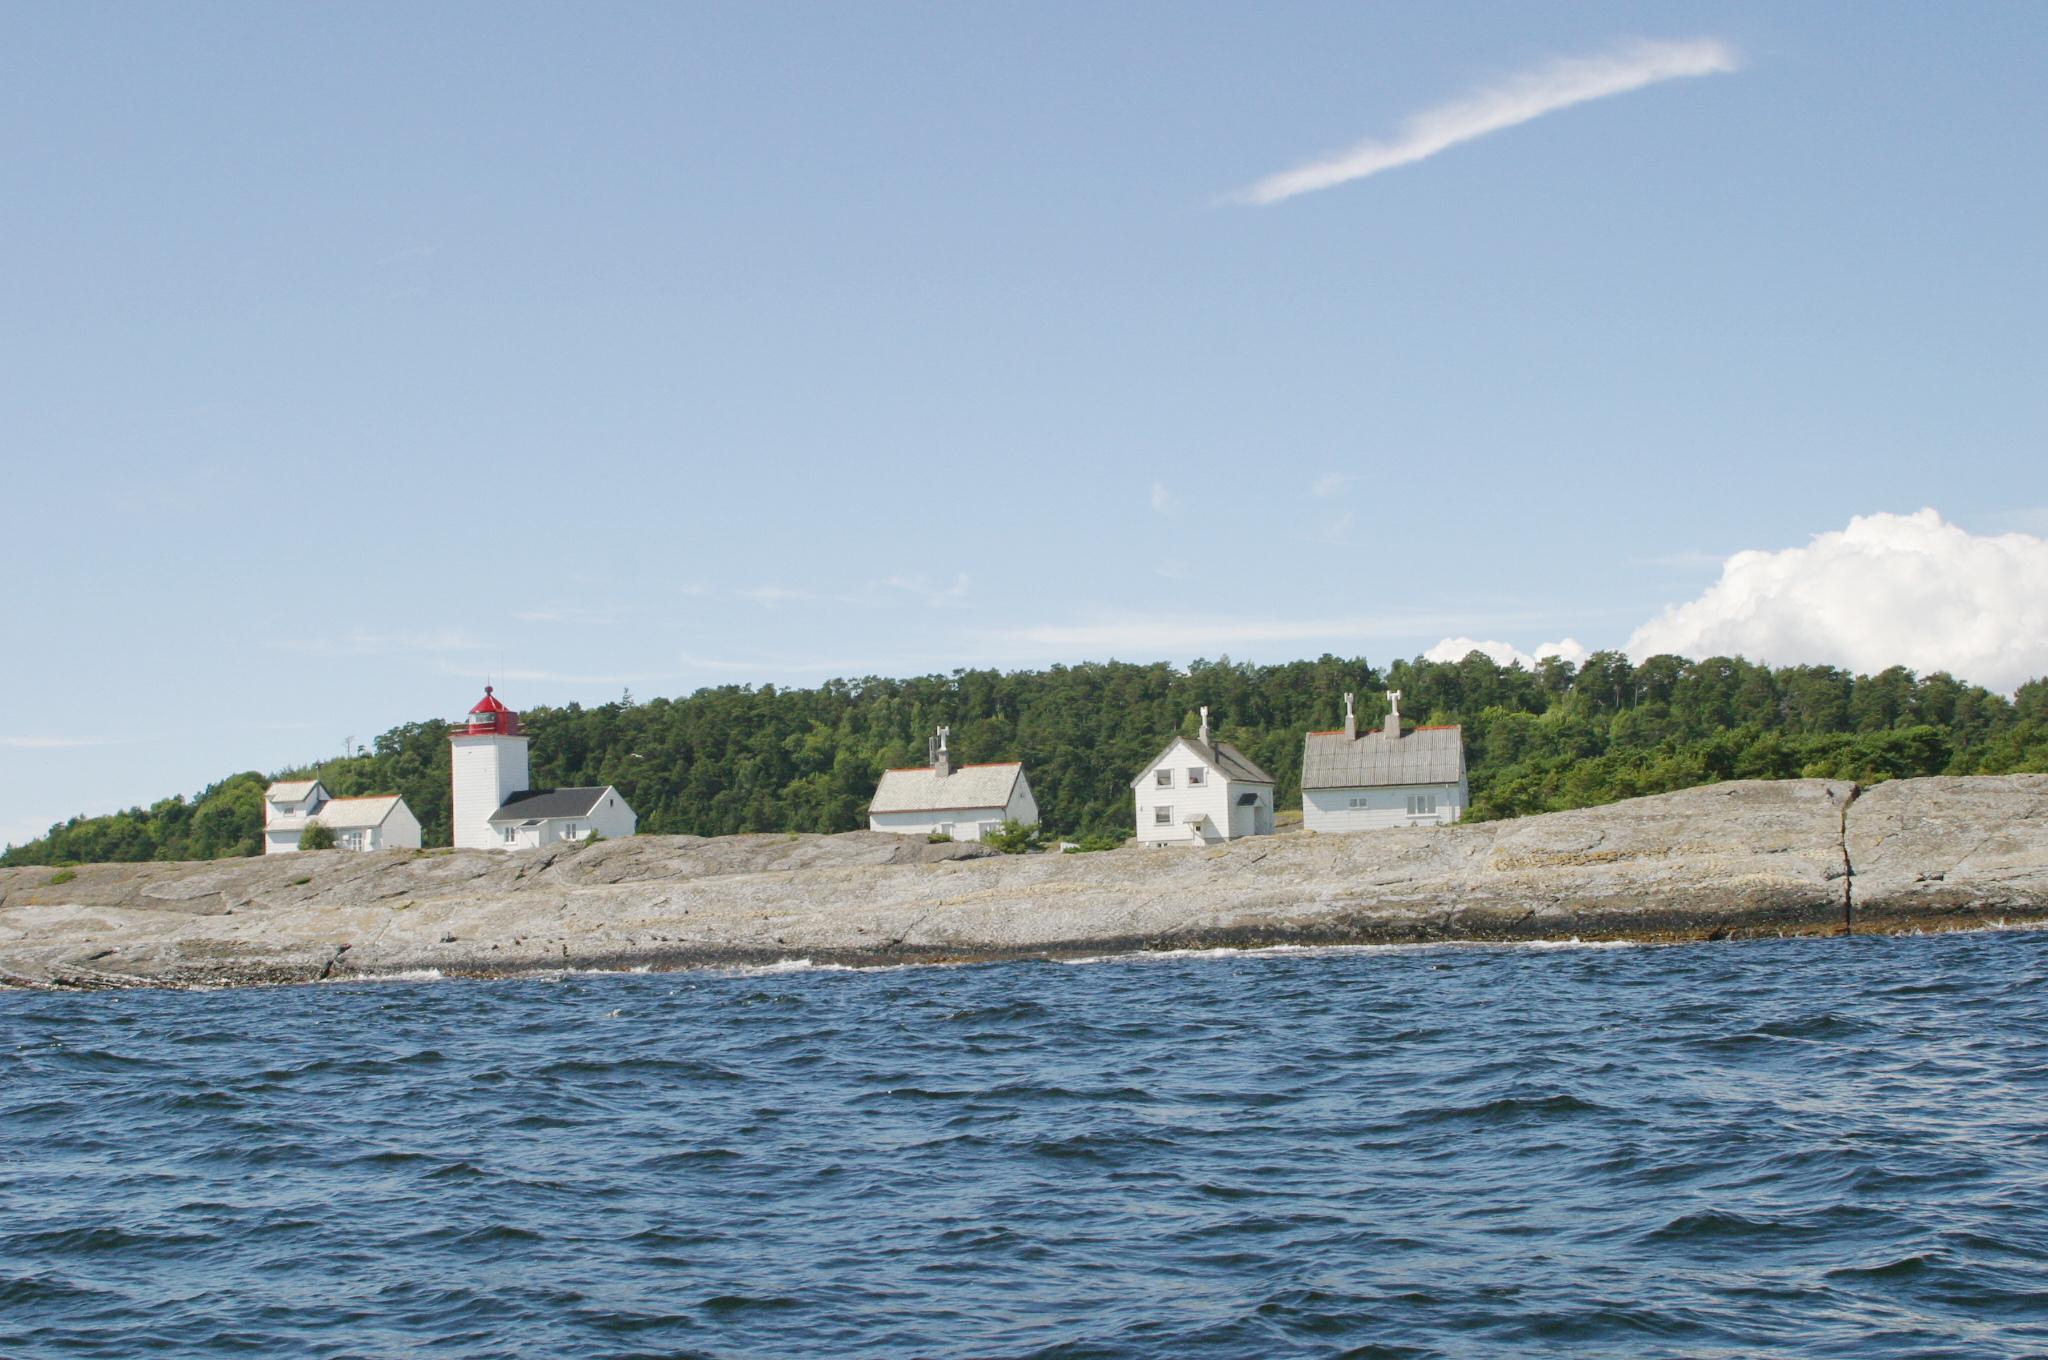 Langøya i Bamble kommune, med fyret og husene